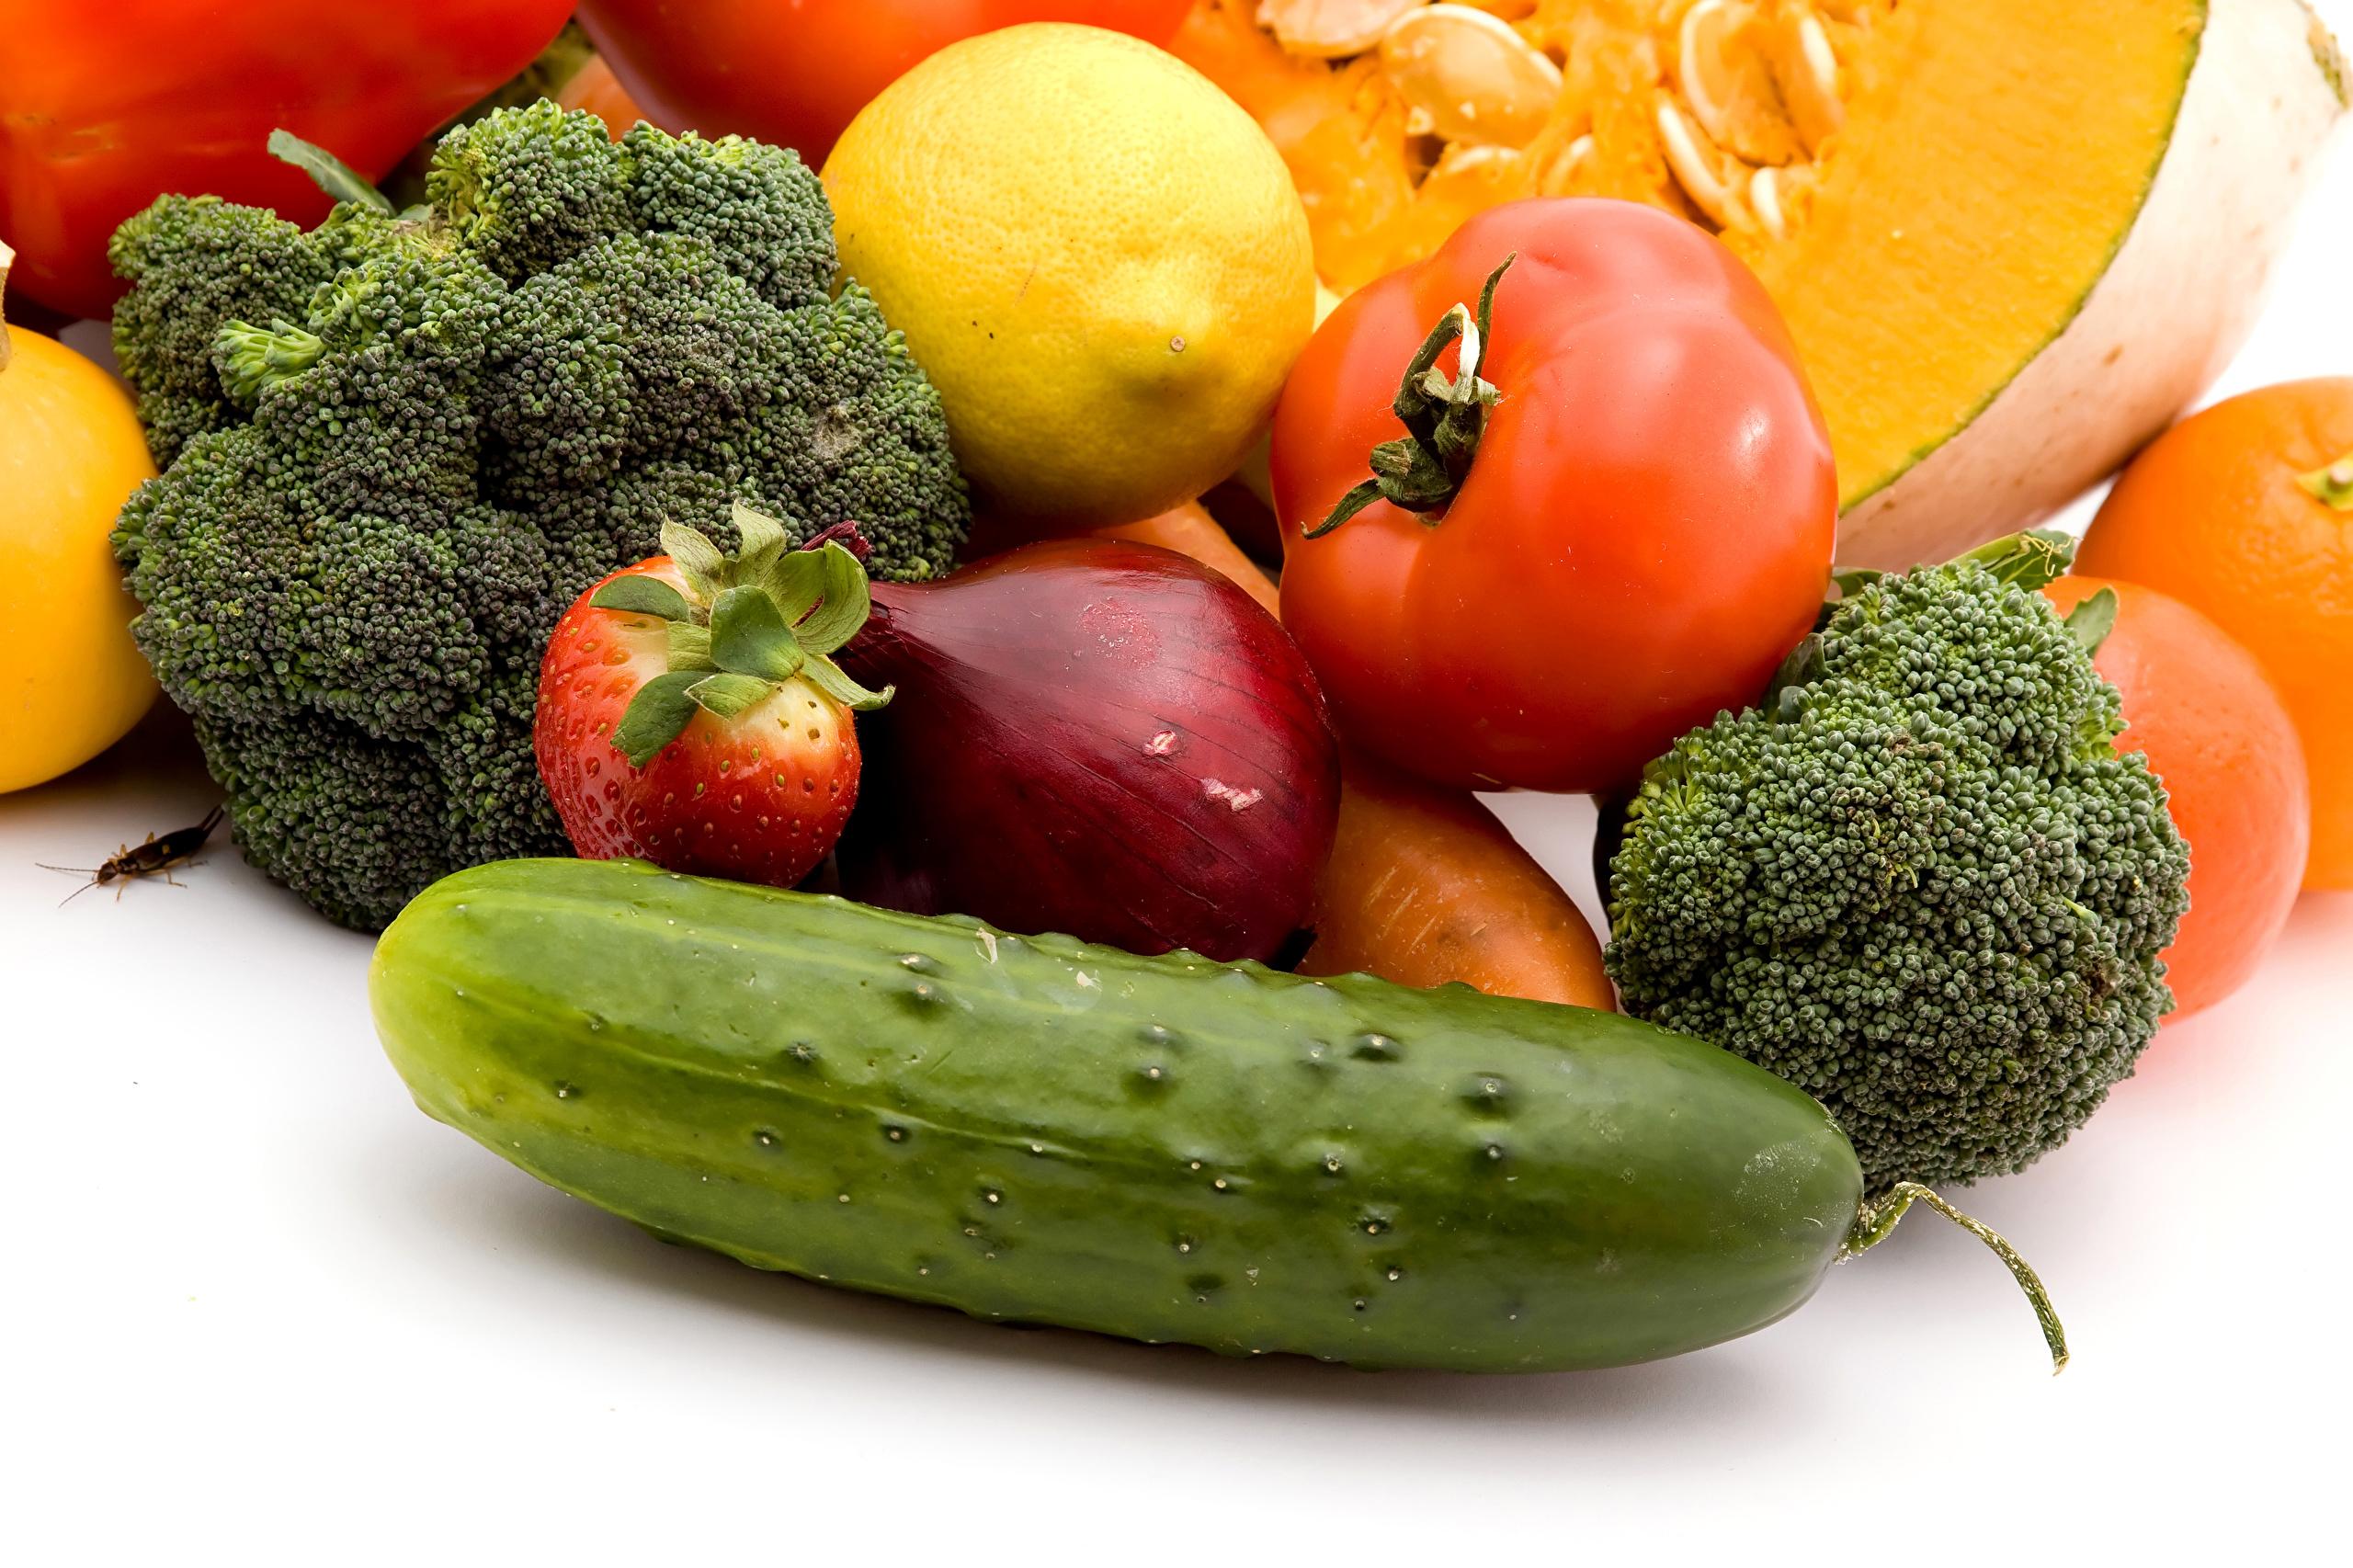 Овощная Диета Гепатит С. Питание при гепатите С – полезные и запрещенные продукты